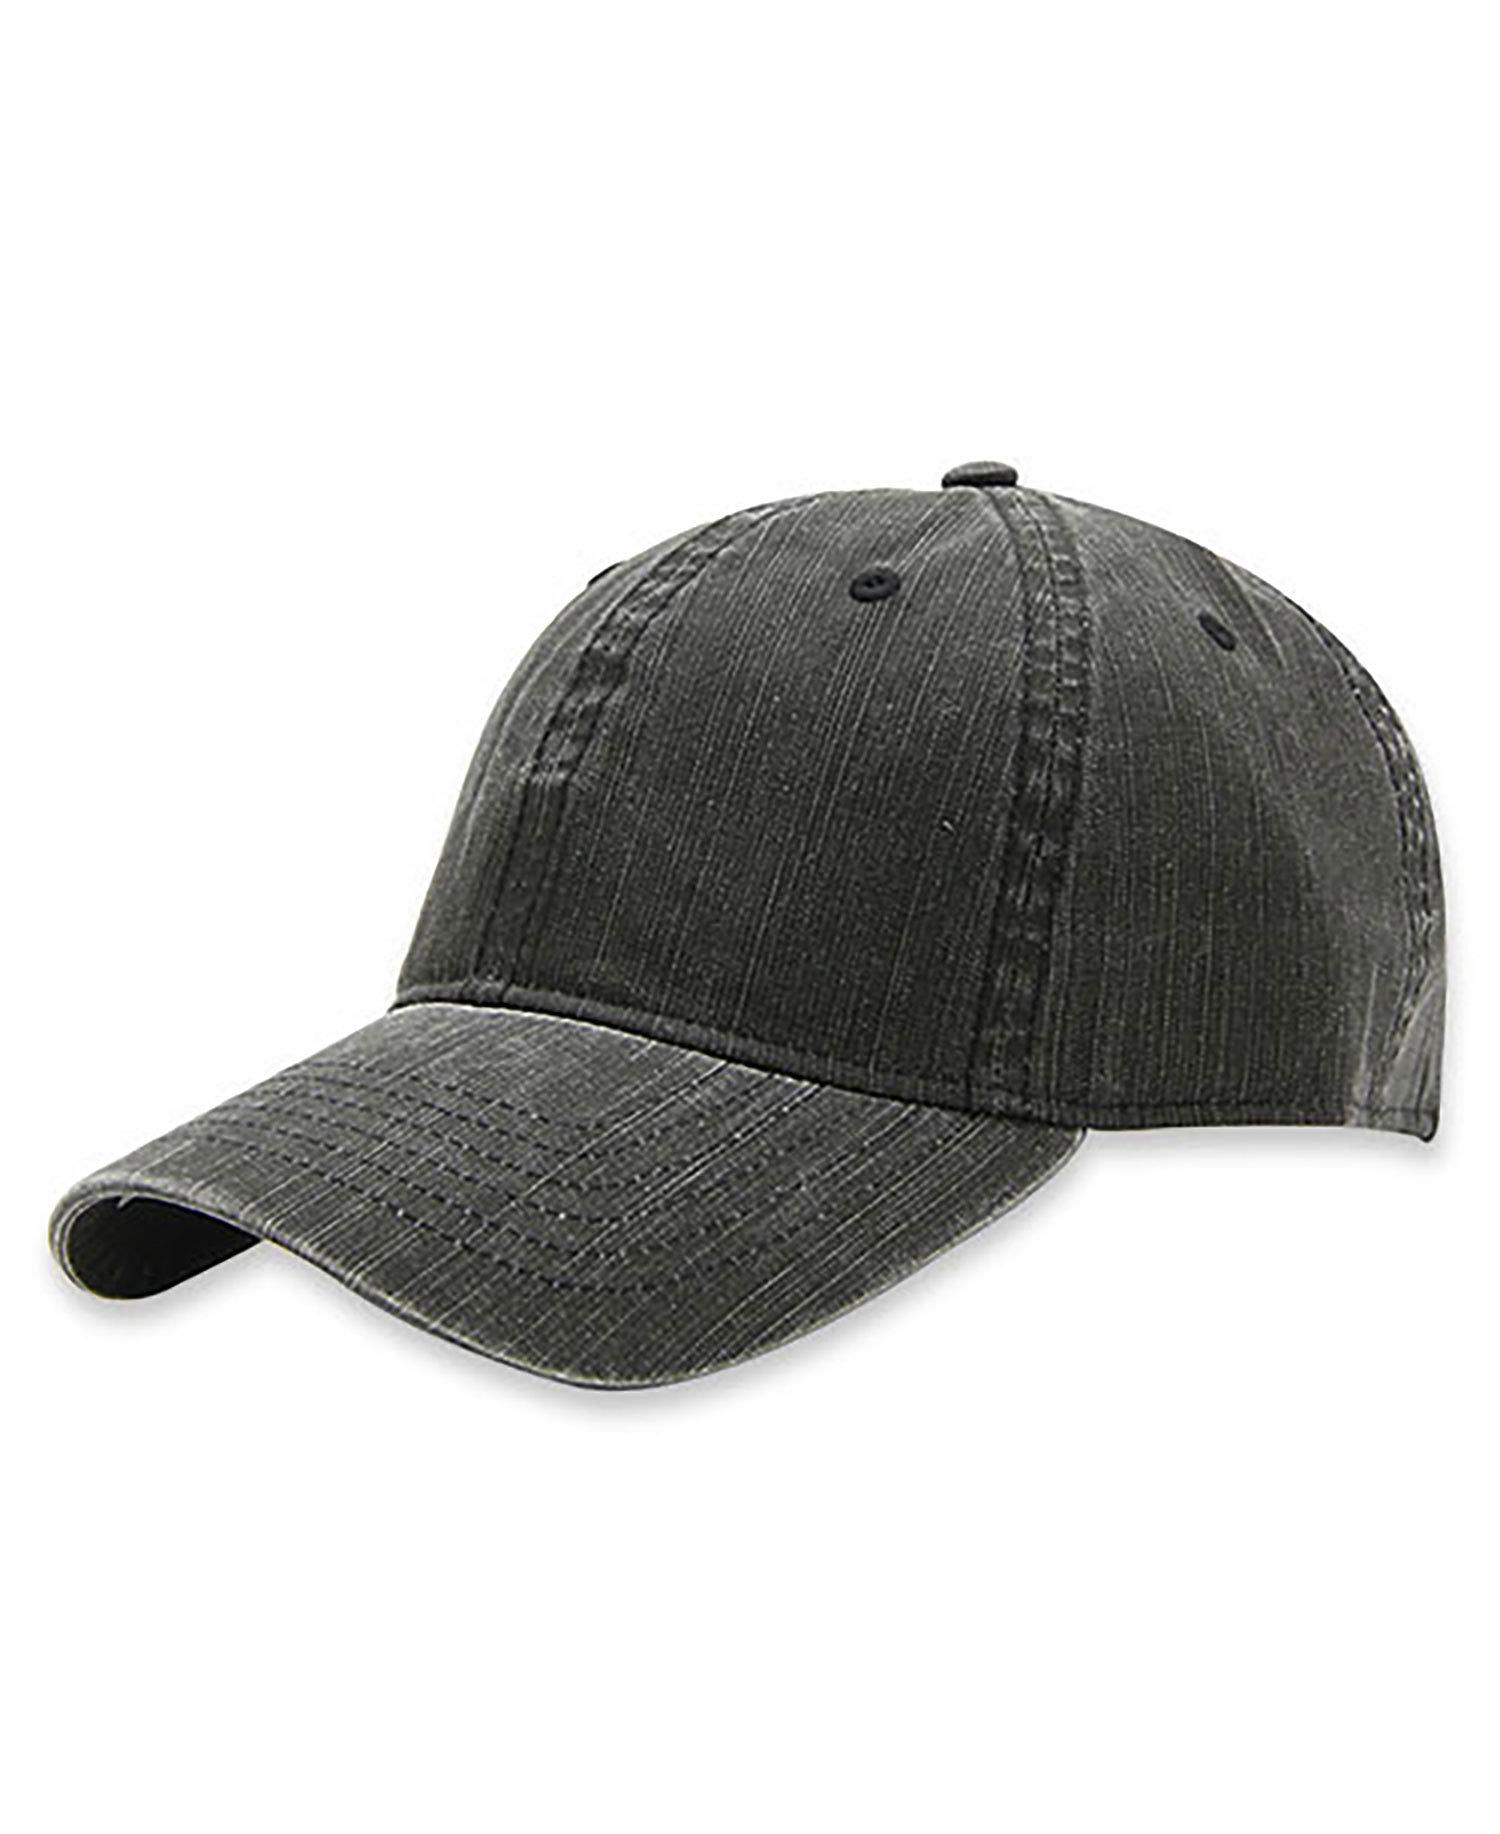 Ouray 51324 - Rambler Cap